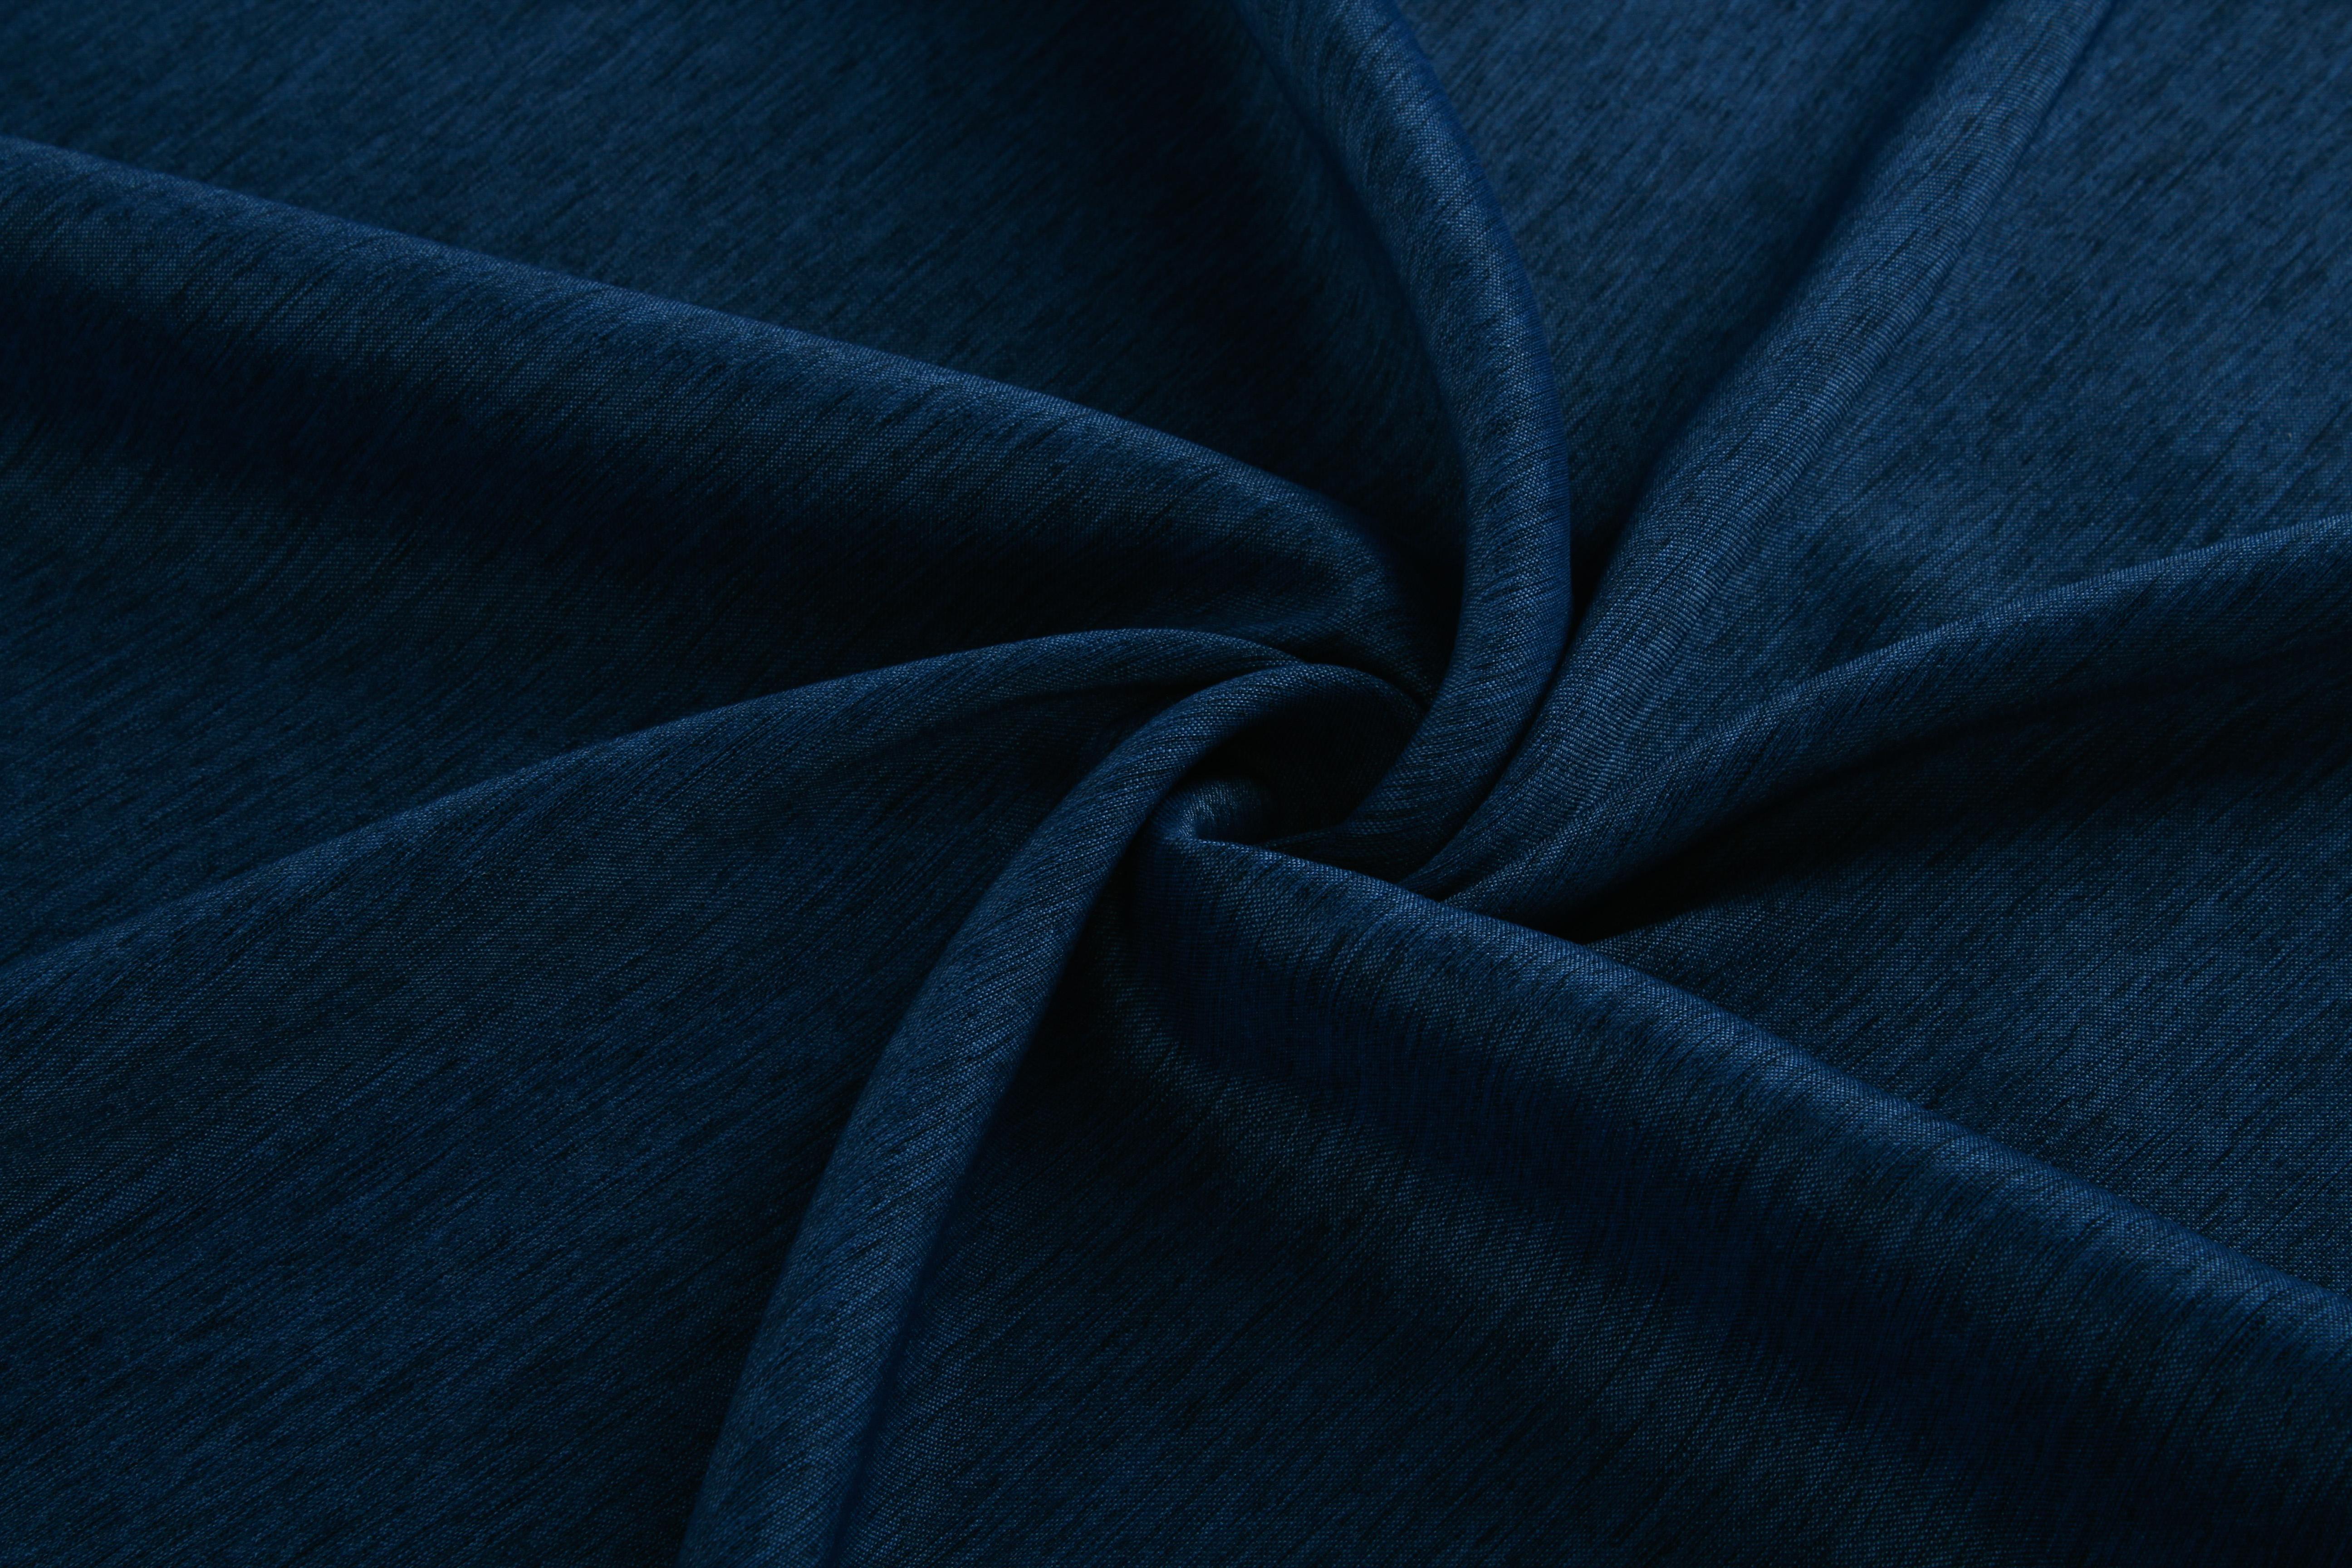 {} TexRepublic Материал Портьерная ткань Palette Цвет: Синий texrepublic материал портьерная ткань palette цвет брусничный